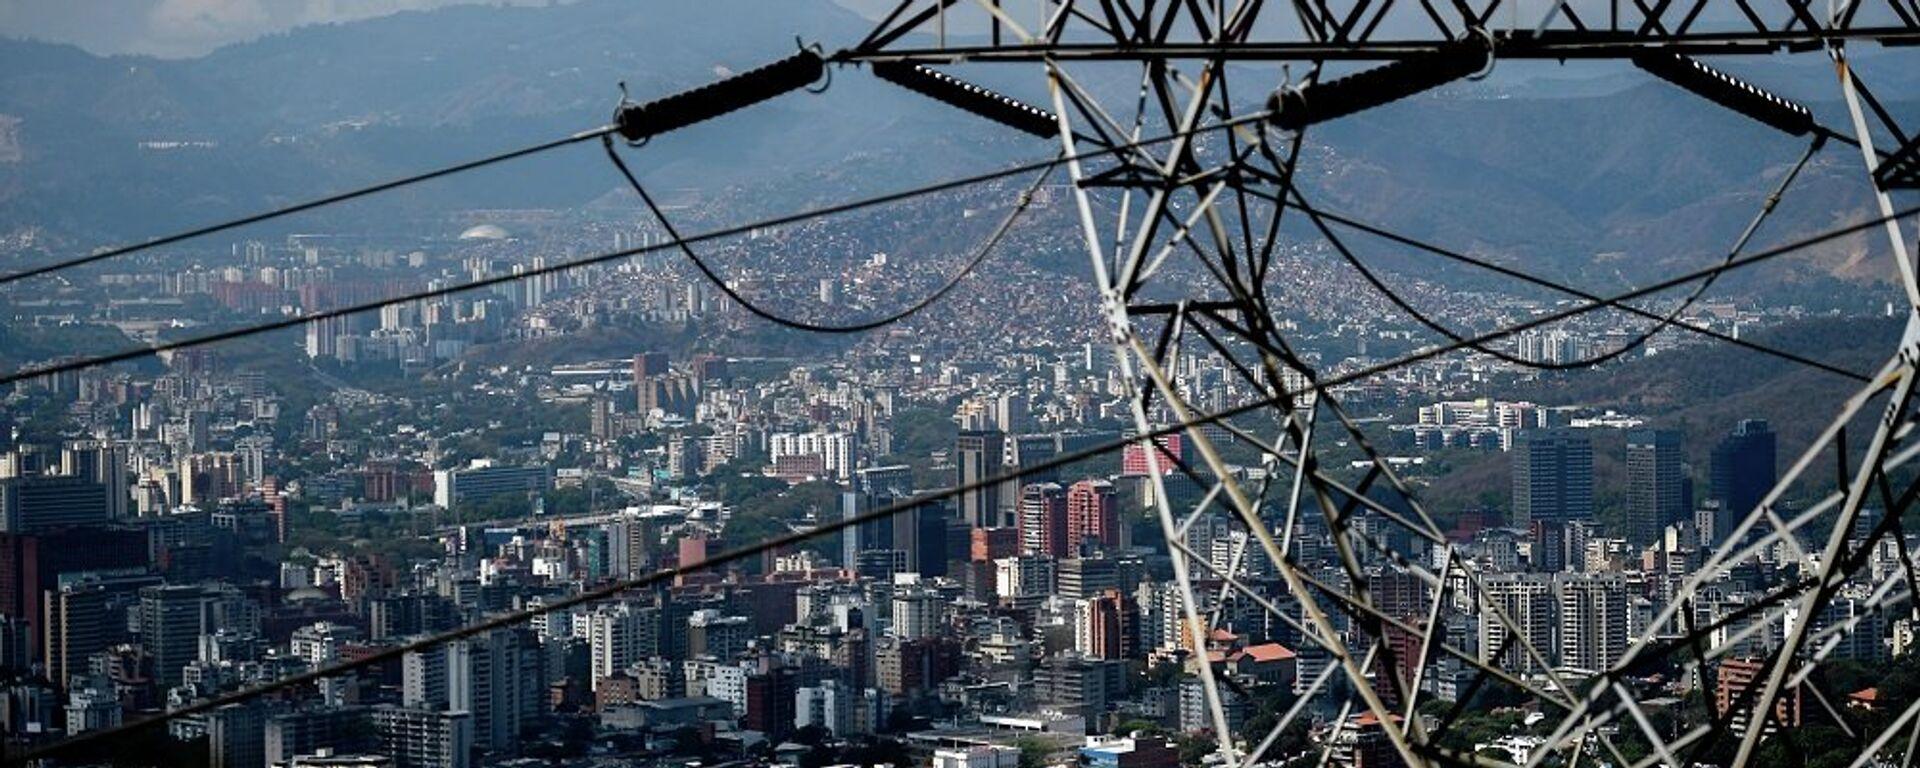 Πυλώνας υψηλής τάσης στη Βενεζουέλα - Sputnik Ελλάδα, 1920, 06.10.2021